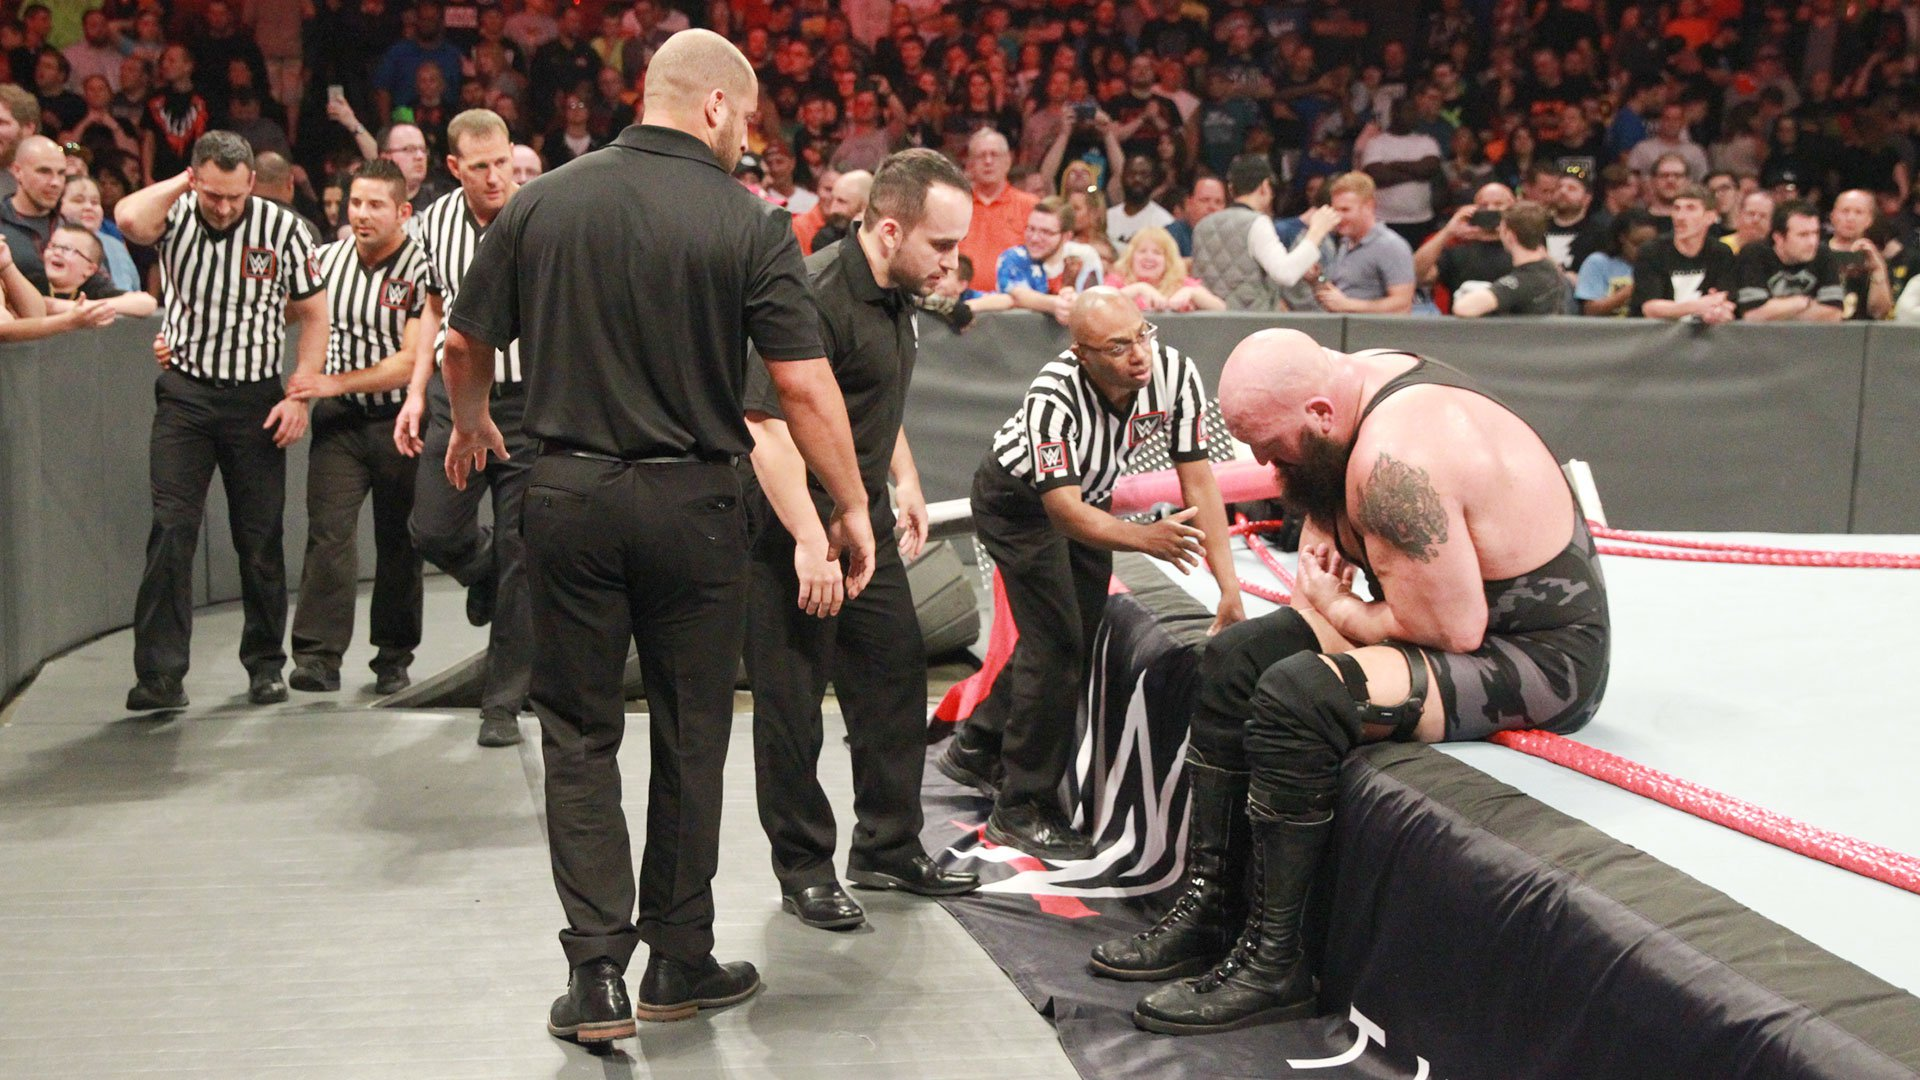 Big Show wychodzi z areny po groźnym starciu na Raw: WWE.com Exclusive 17.04.17